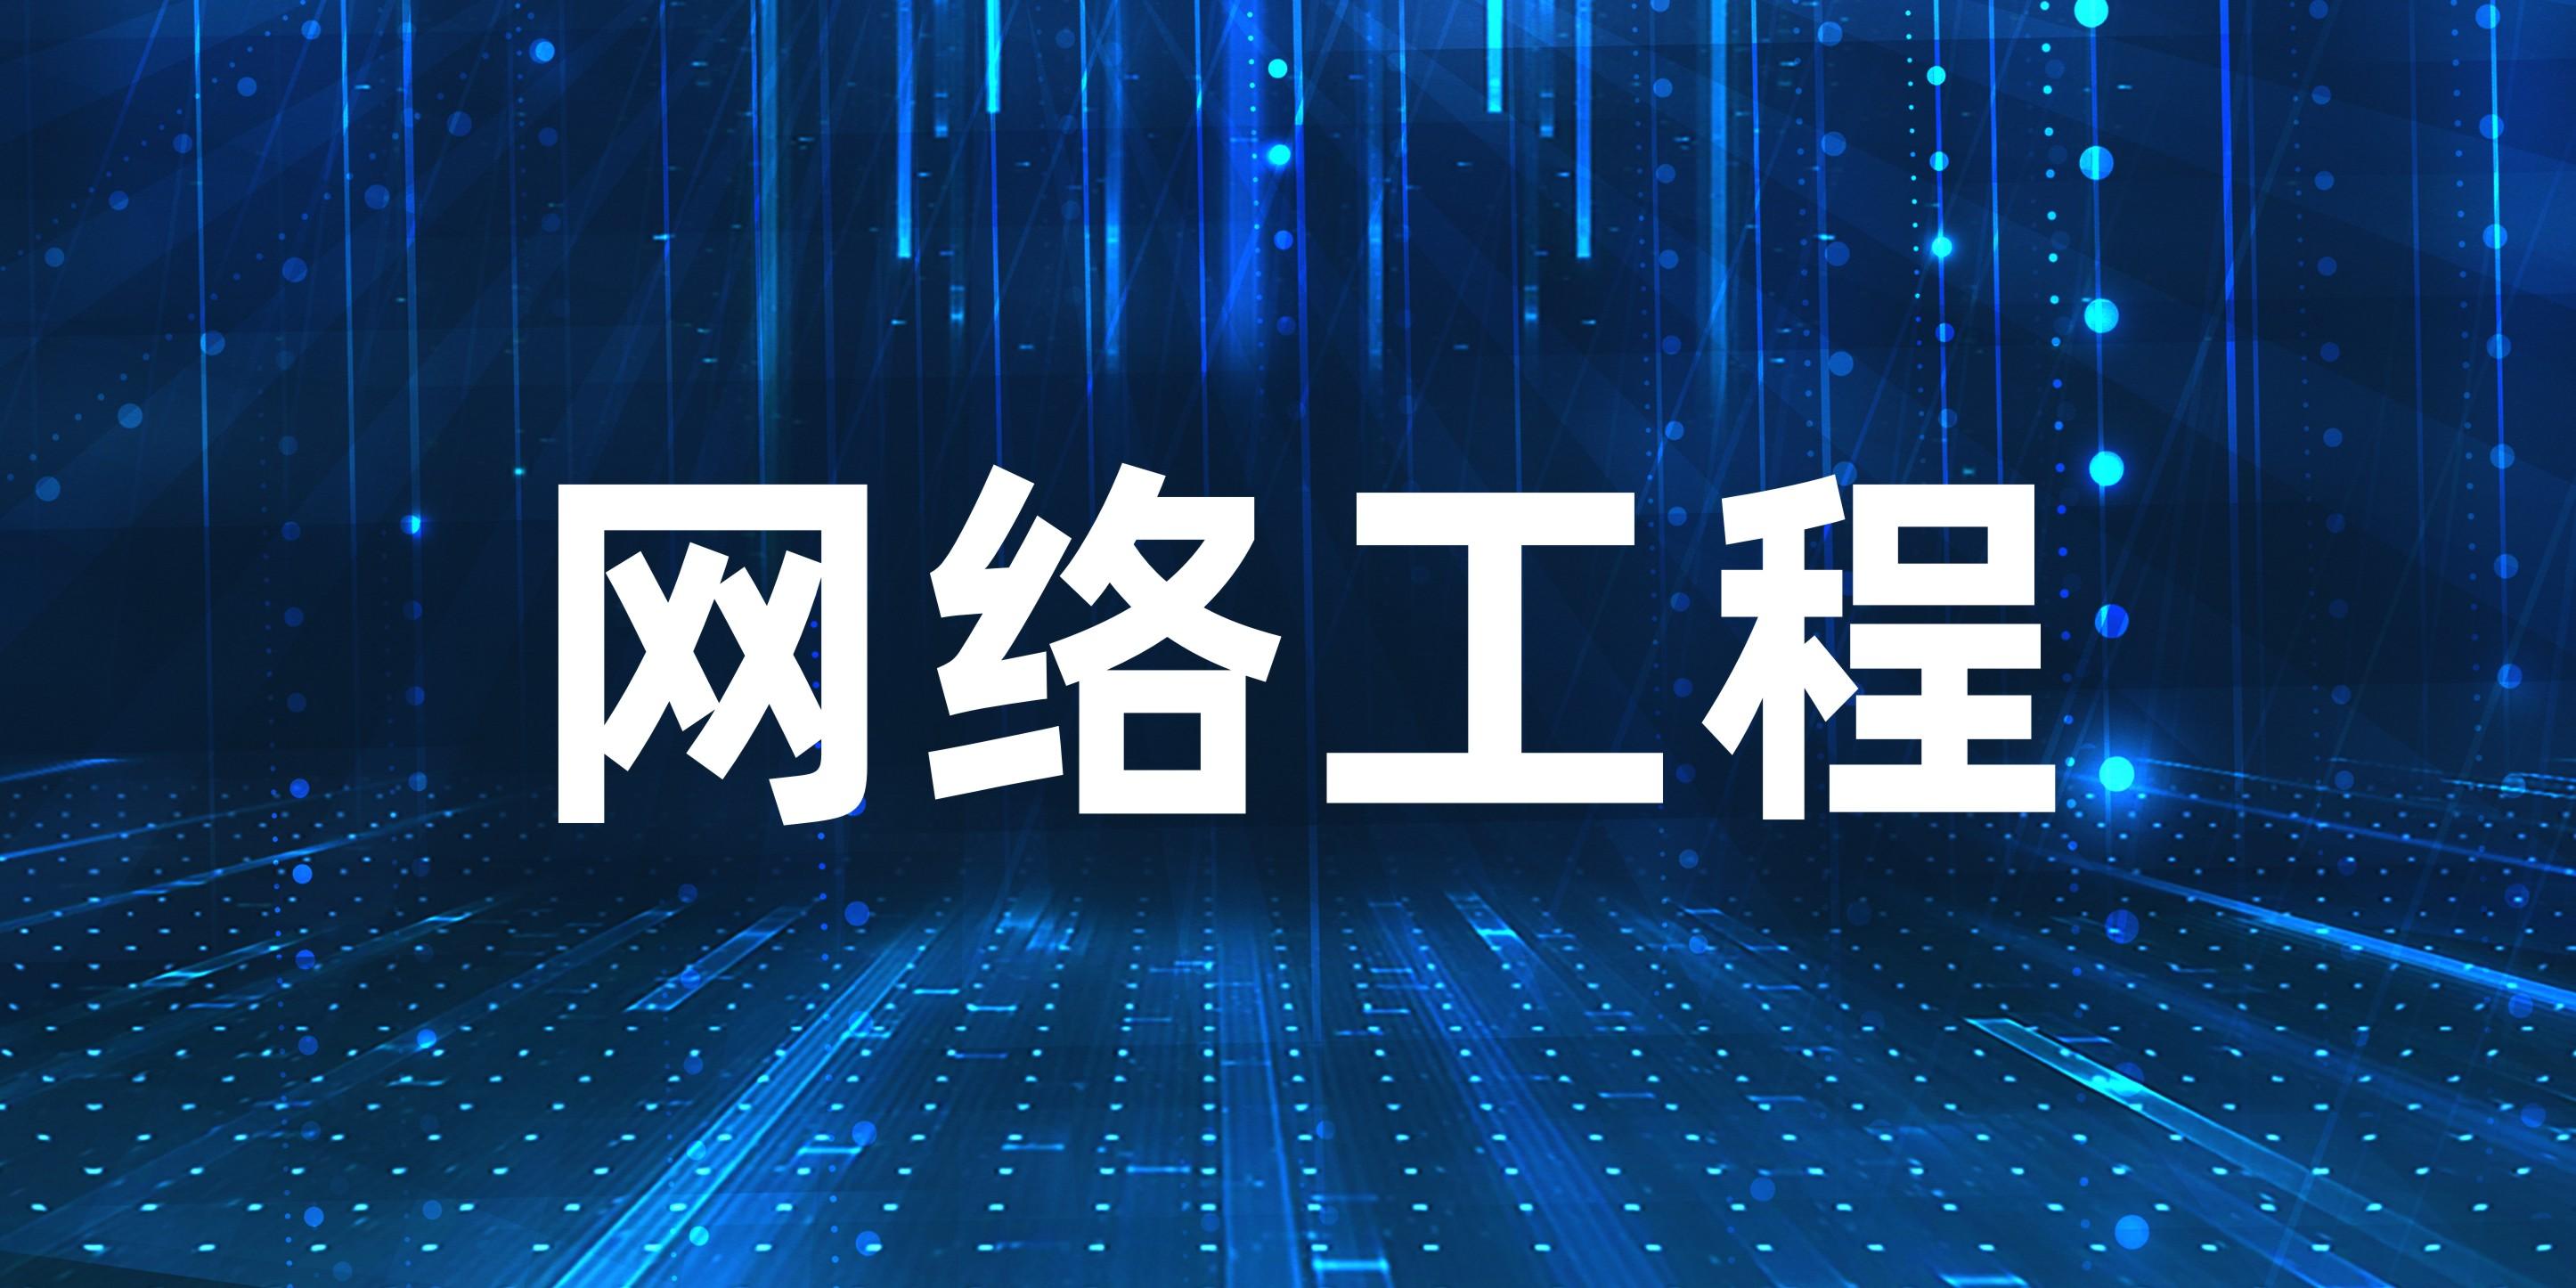 网络工程(国家卓越计划)